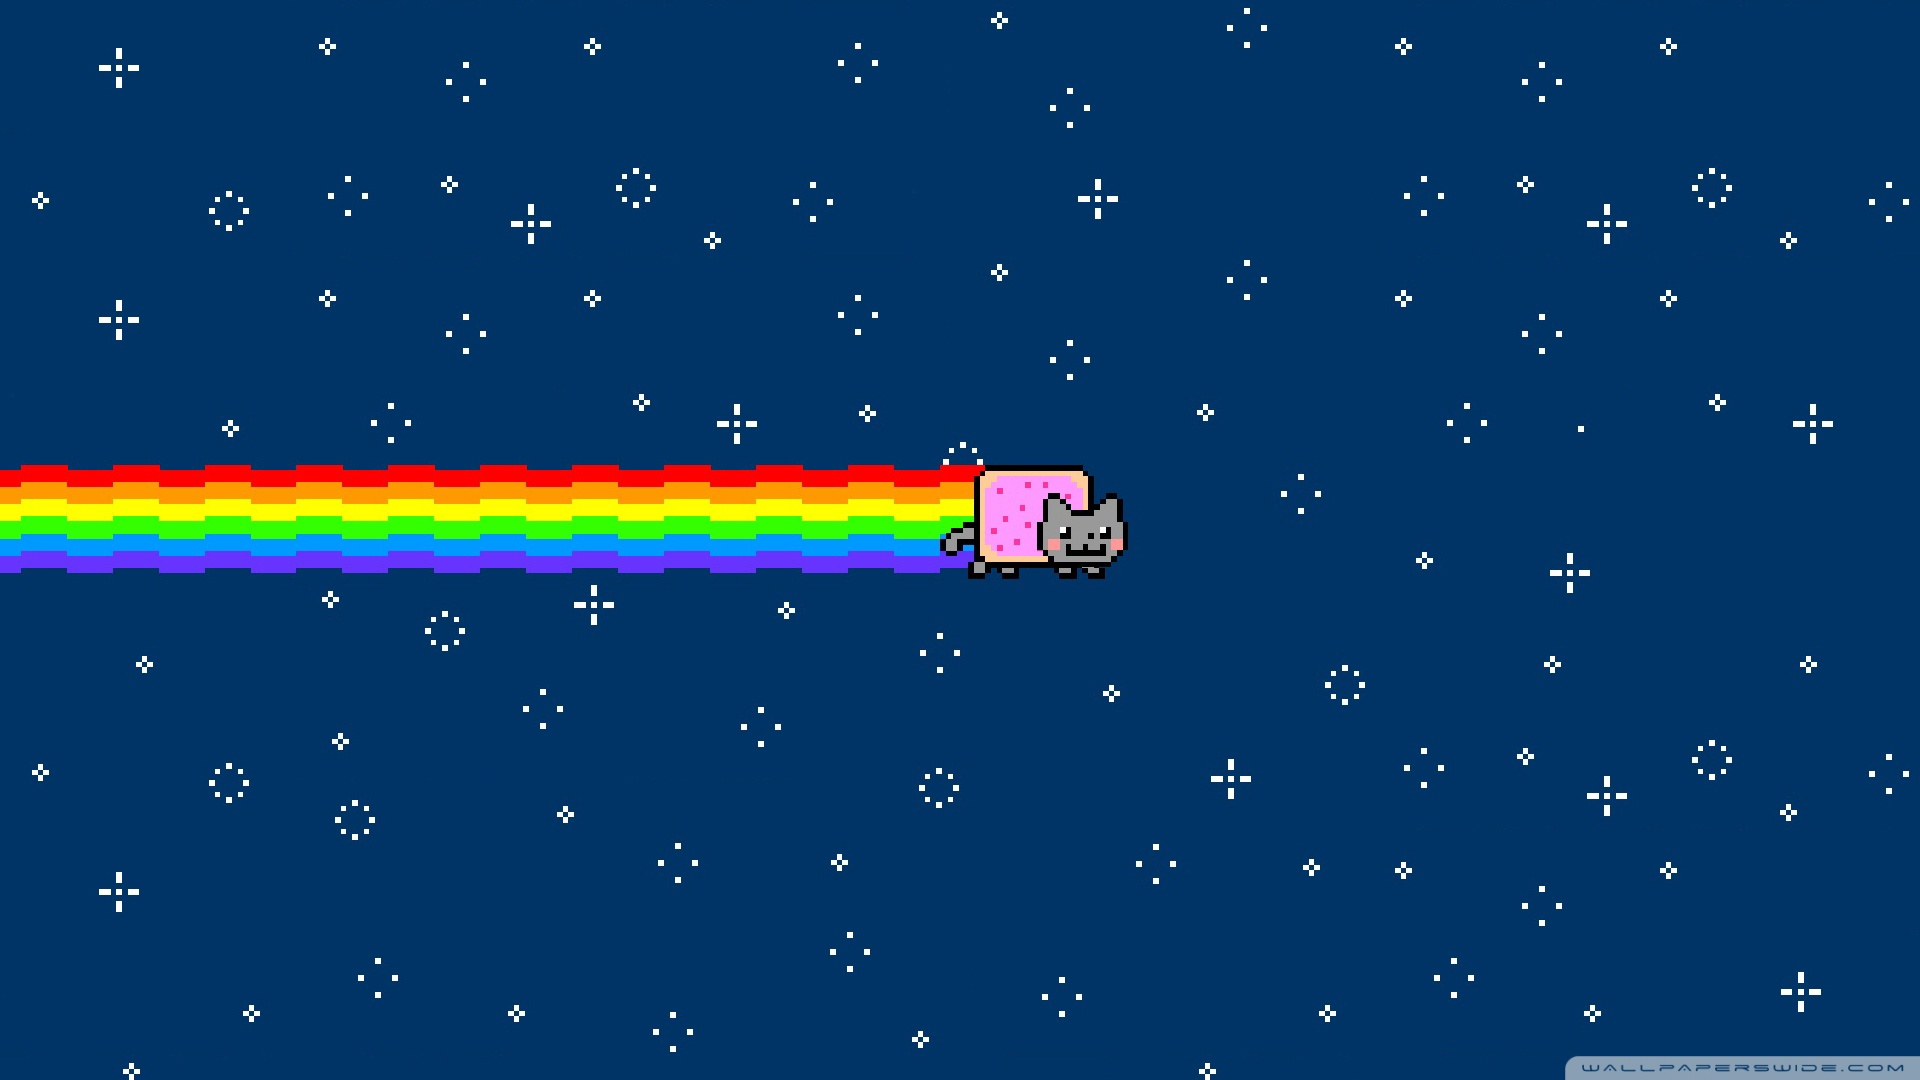 Nyan Cat HD desktop wallpaper : Widescreen : High Definition